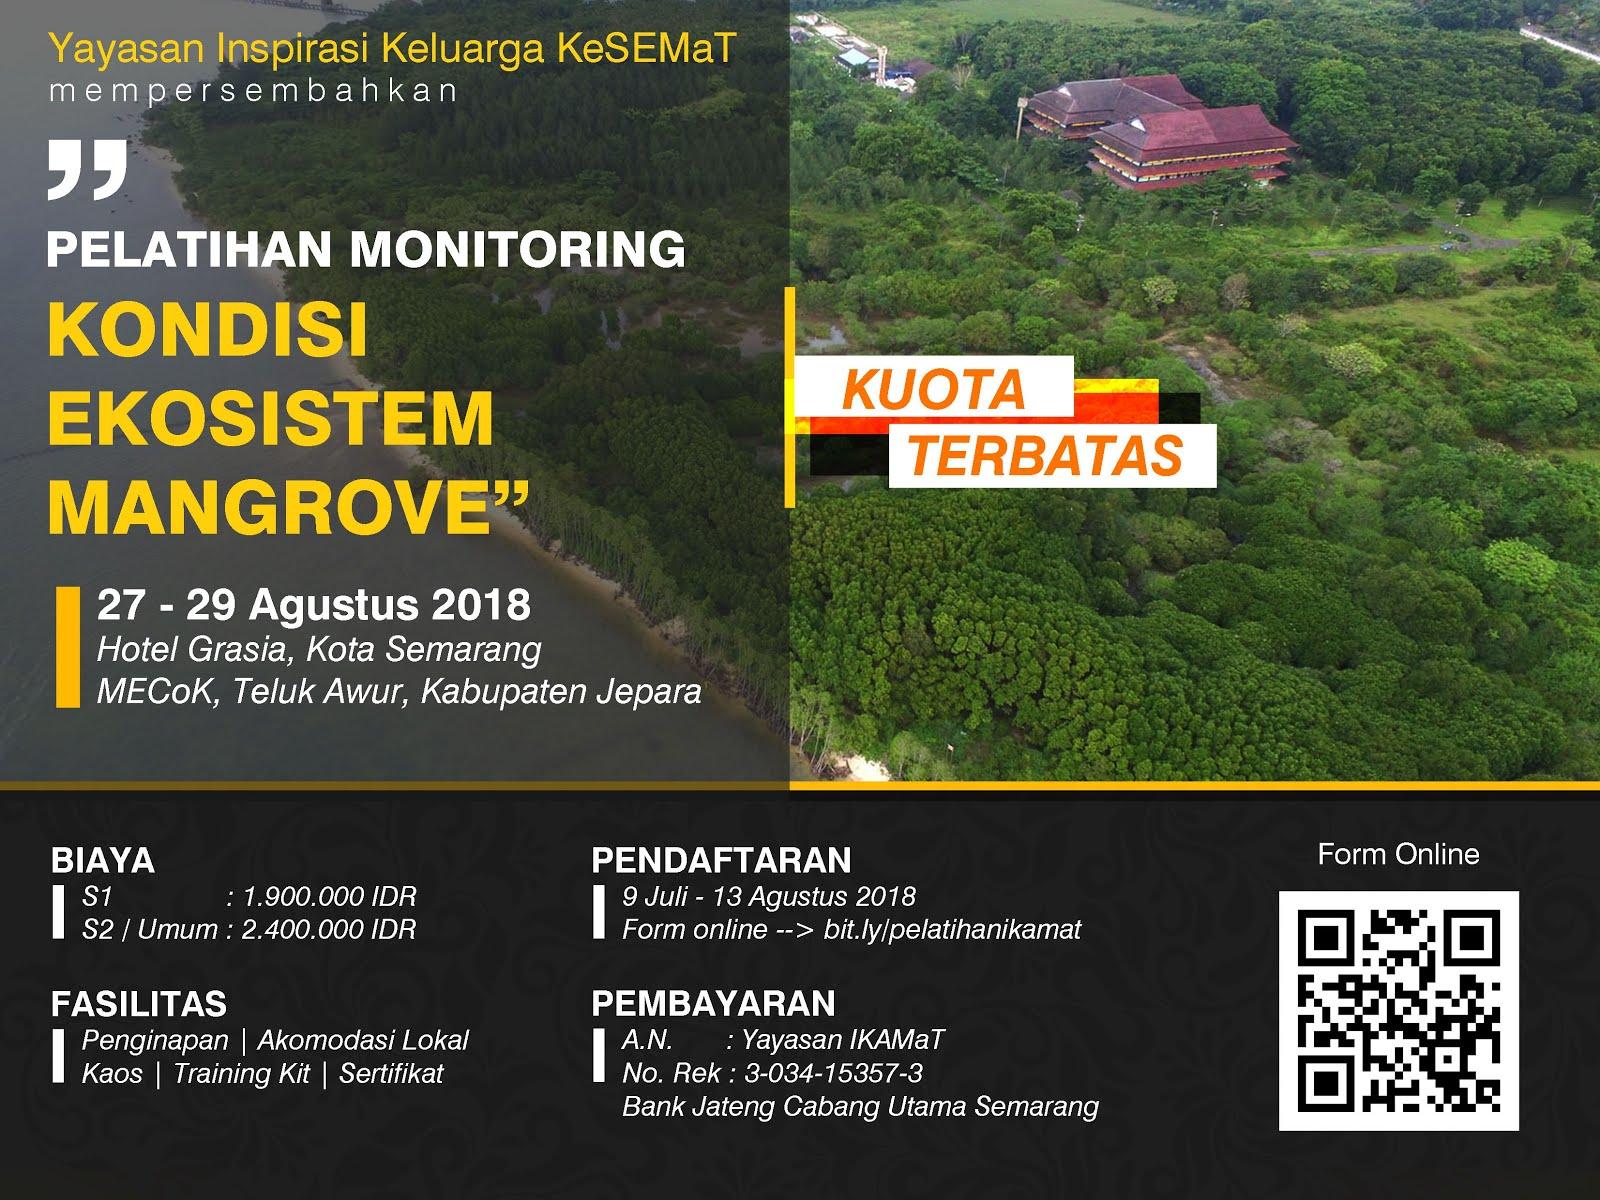 Press Release Pelatihan Monitoring Kondisi Ekosistem Mangrove